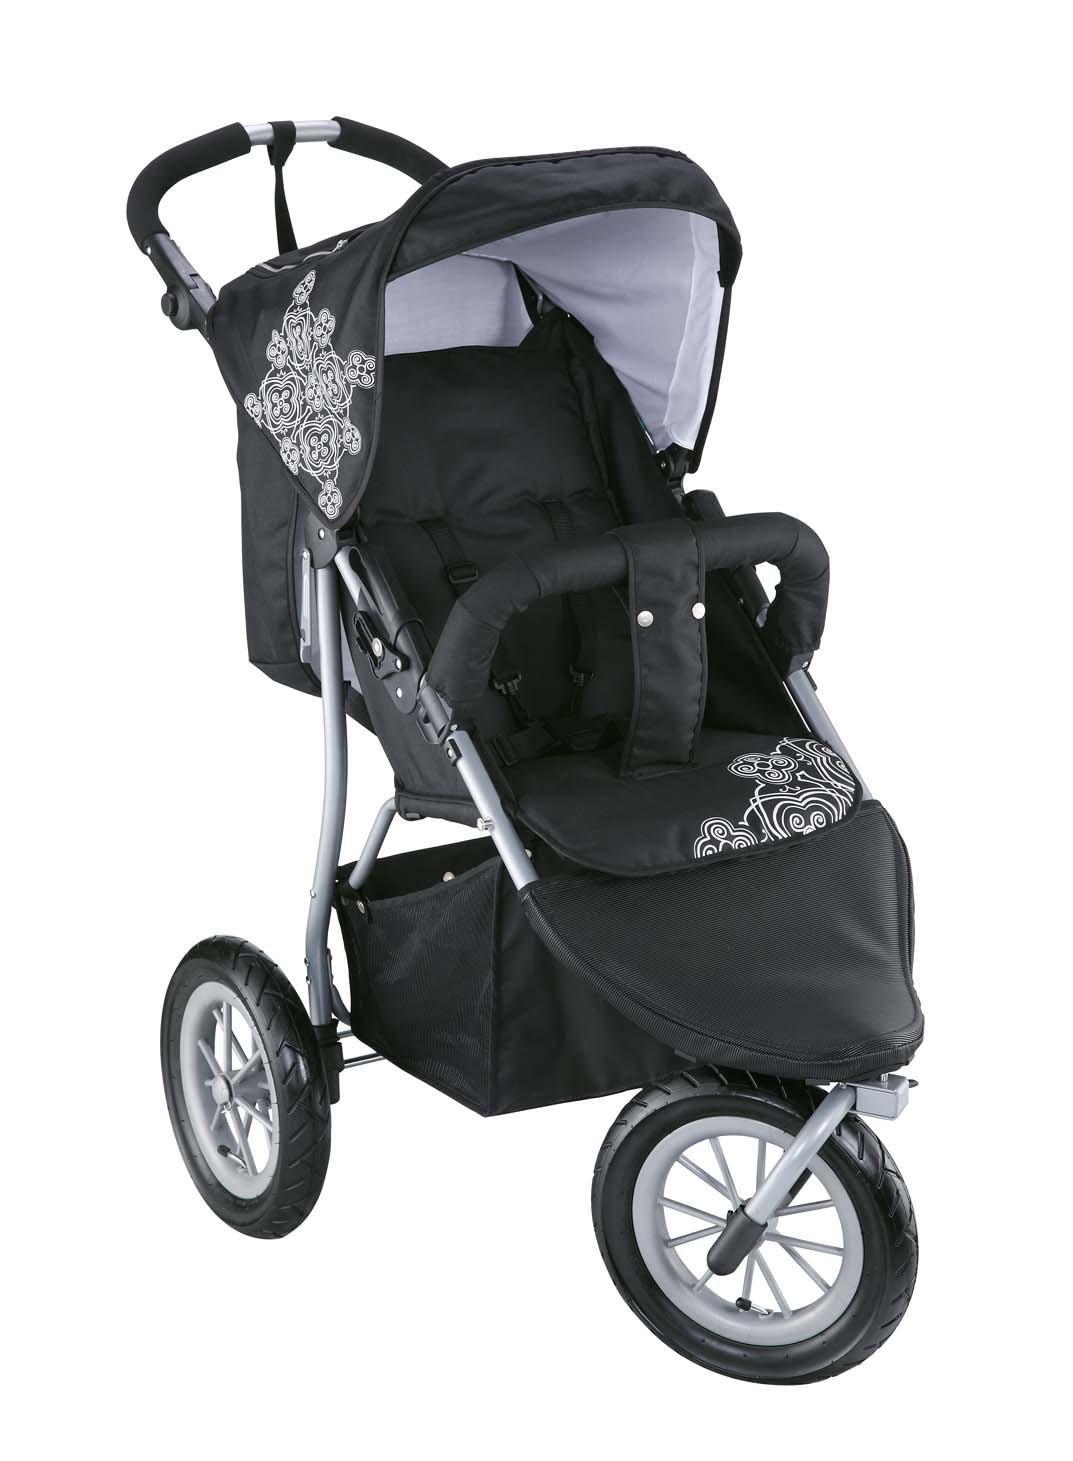 kinderwagen mit federung vergleich kombikinderwagen. Black Bedroom Furniture Sets. Home Design Ideas